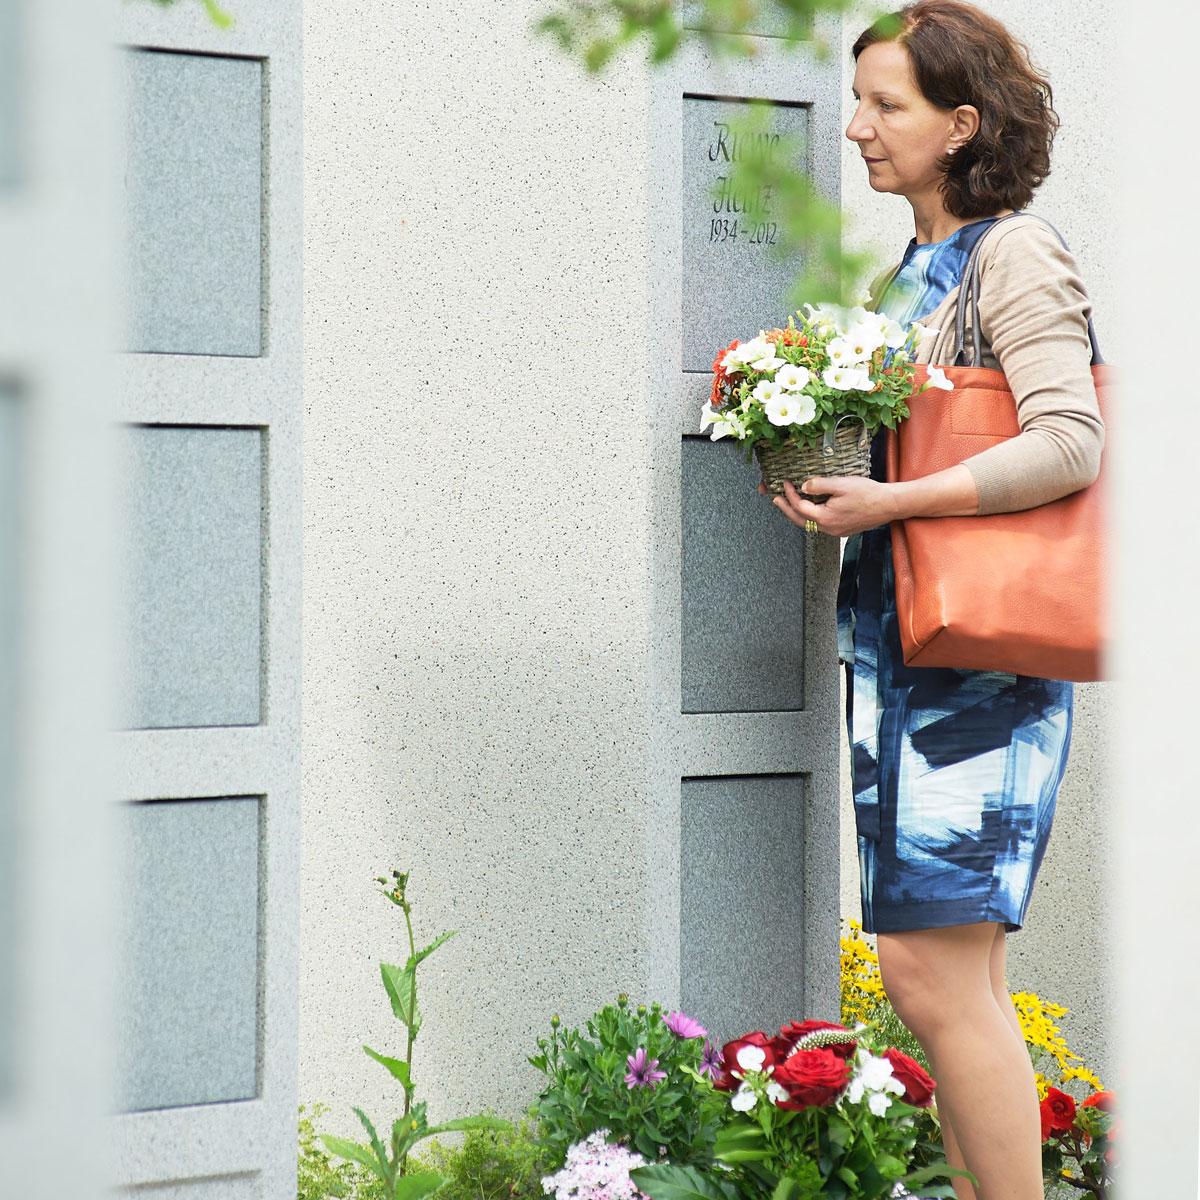 Brauns Bestattungen · Überführungen · Bestattungsvorsorge in Minden, Hille & Lübbecke· Vorsorge